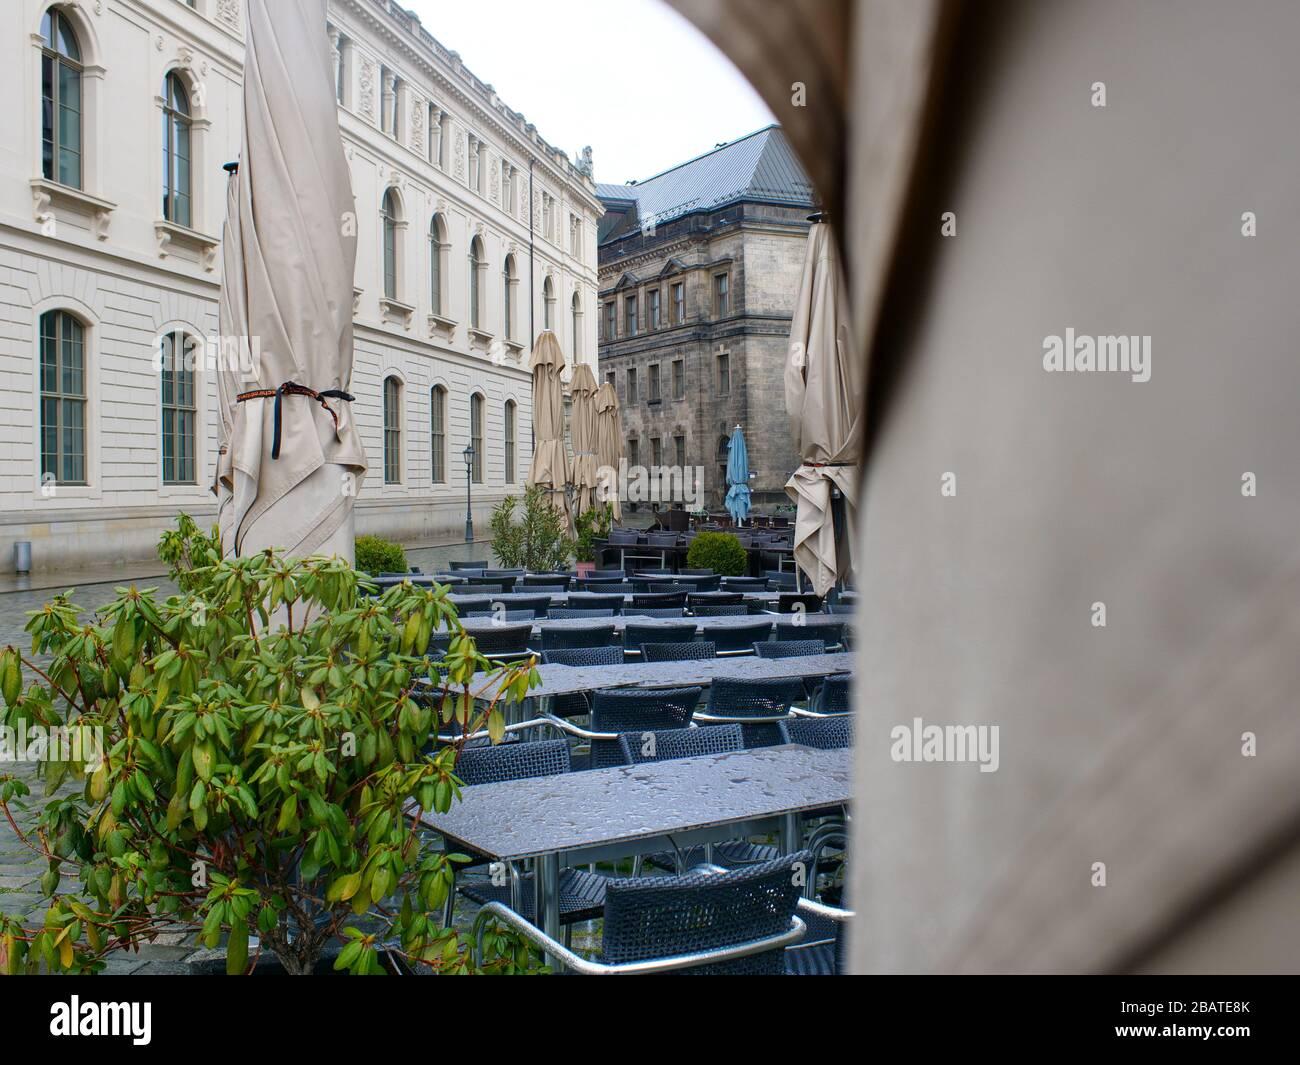 Leere Tische und Stühle en Dresden wegen Coronavirus Lockdown COVID-19 leeres Restaurante Gastronomie Foto de stock